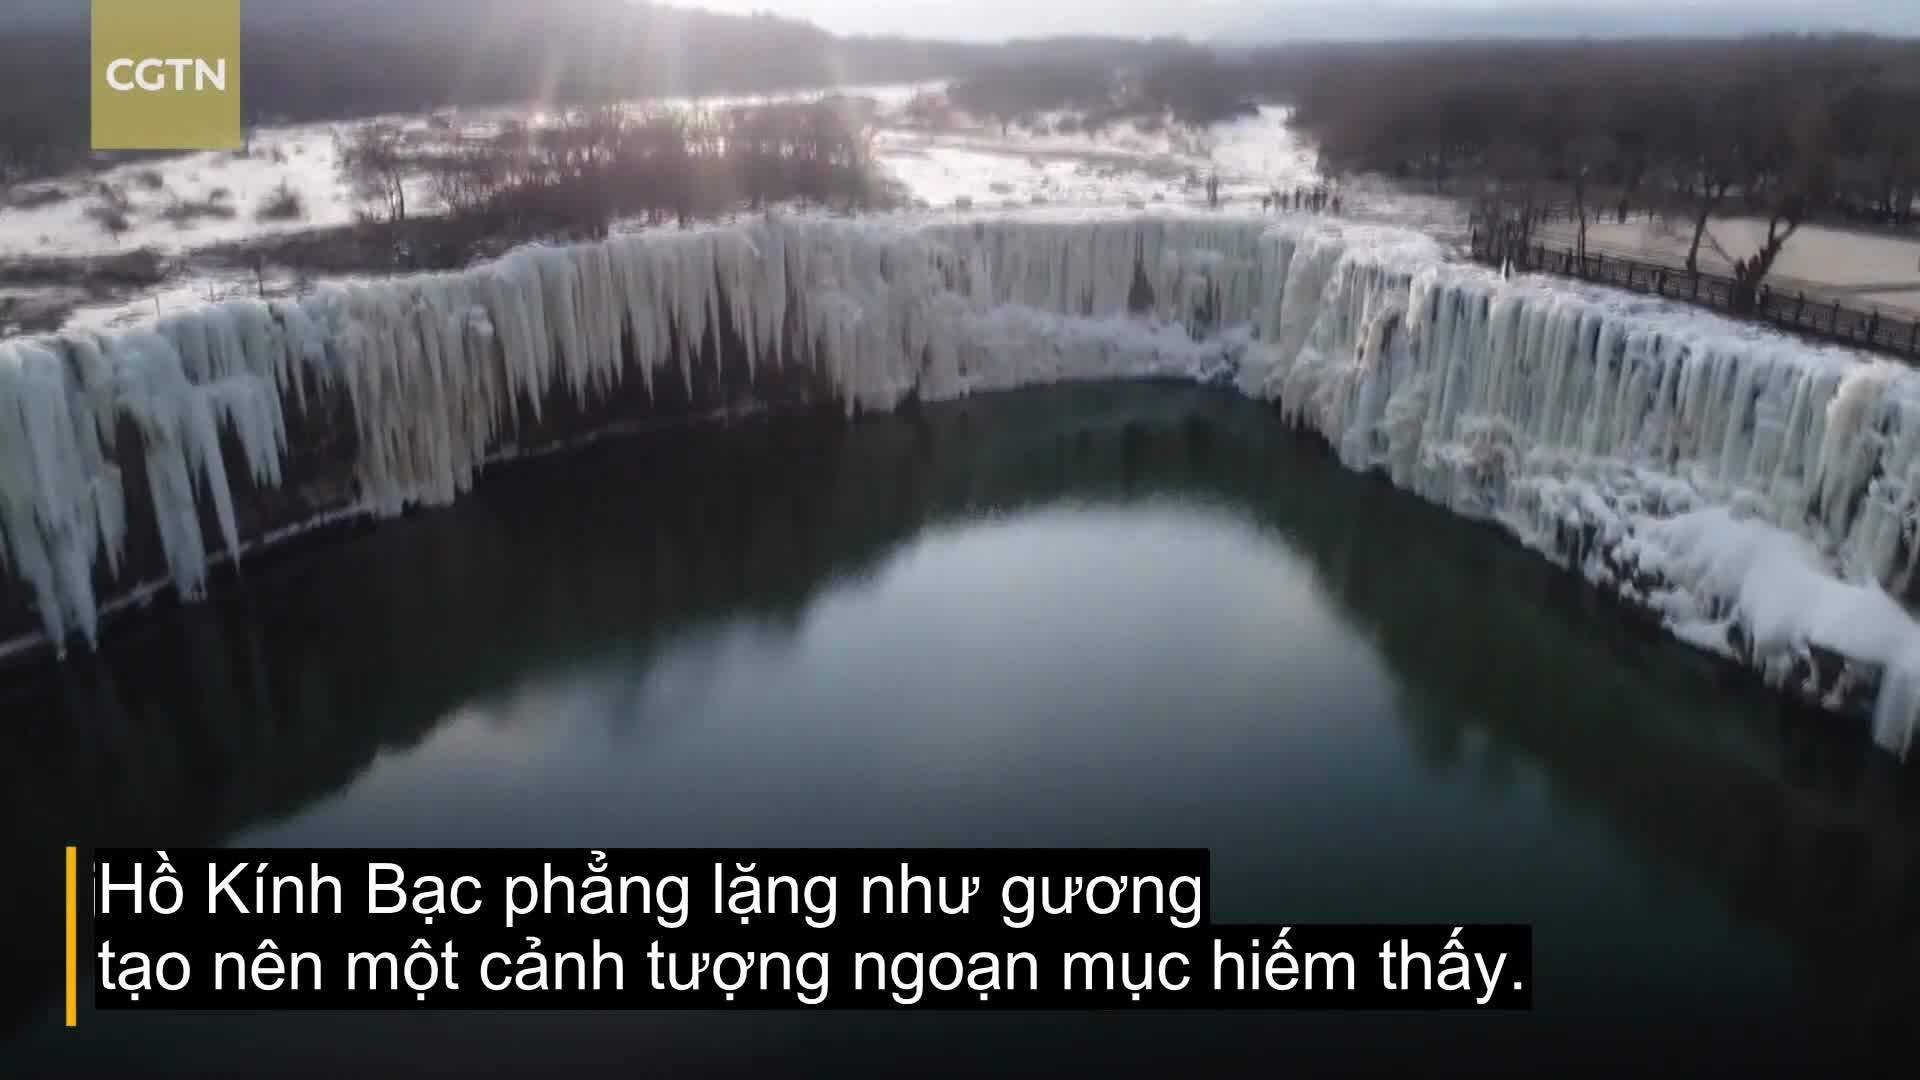 Thác nước rộng hơn 300m đóng băng